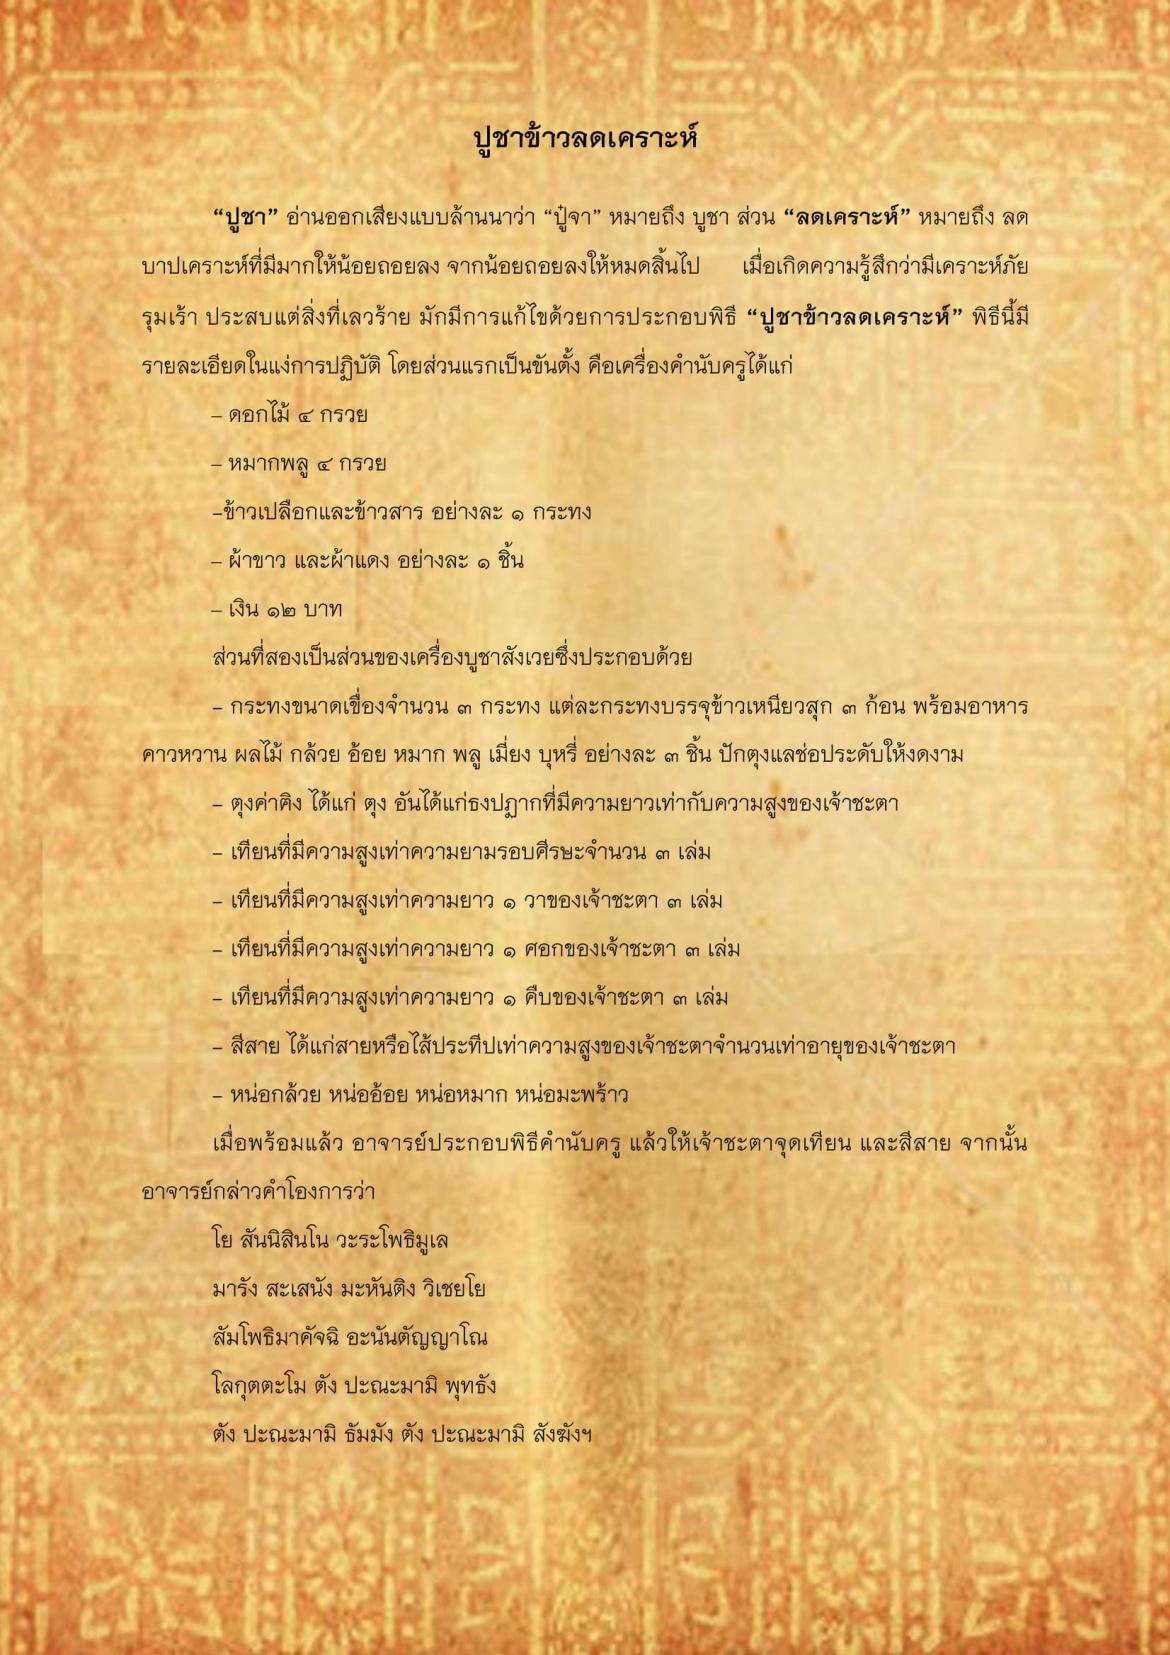 ปูชาข้าวลดเคราะห์ - 26 กุมภาพันธ์ 2561